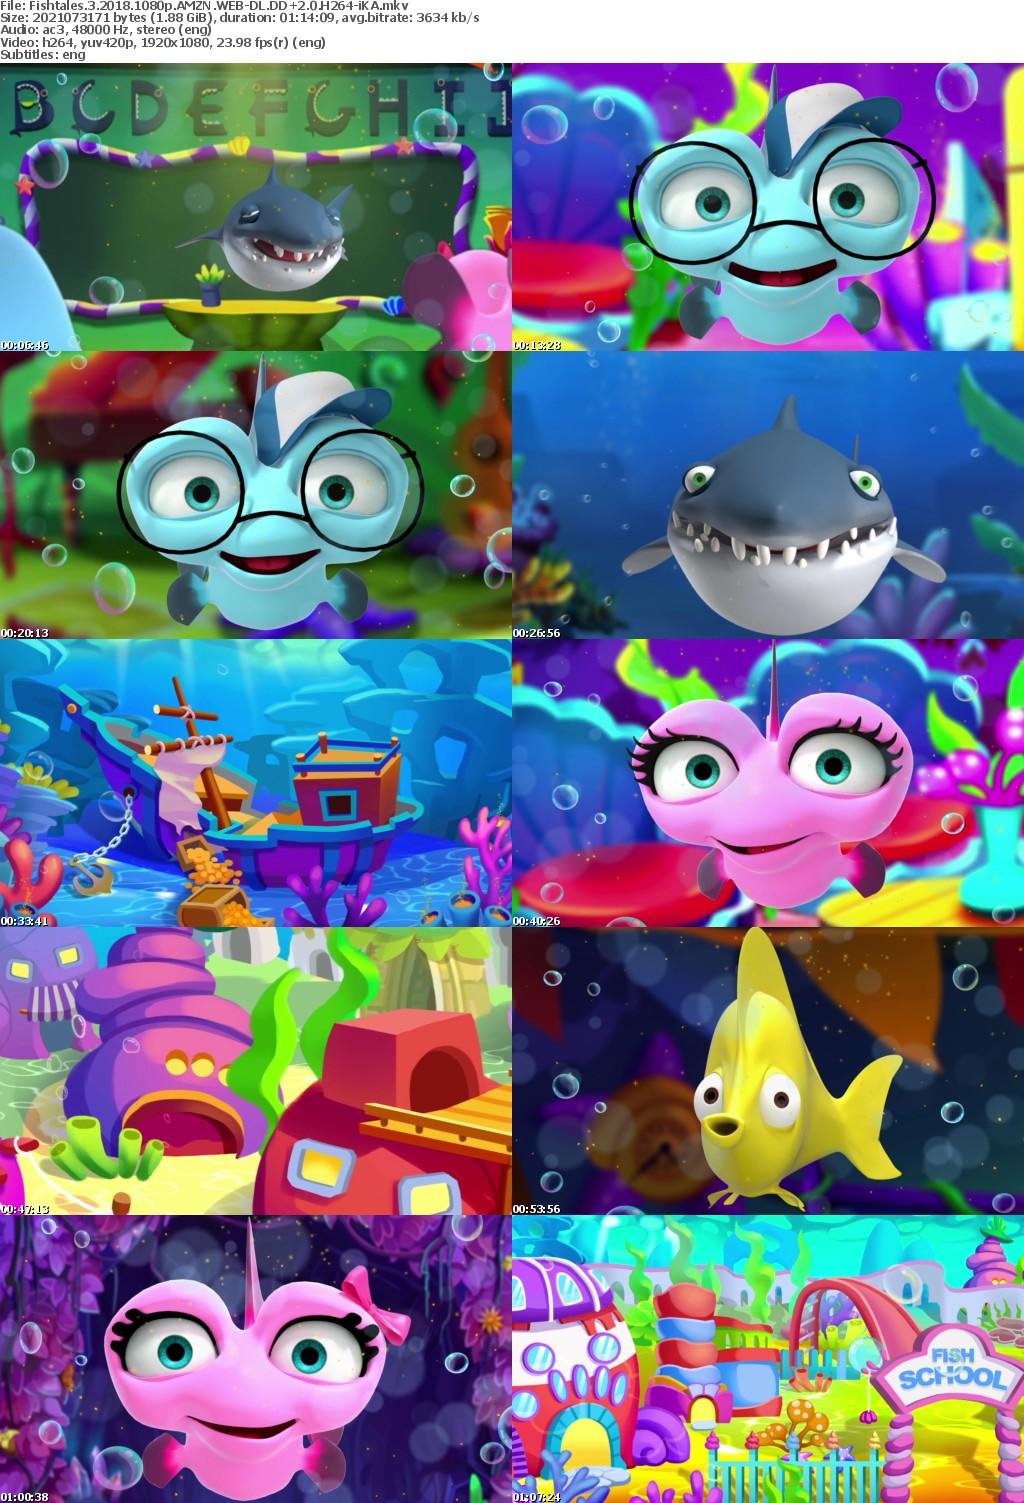 Fishtales 3 (2018) 1080p AMZN WEBRip DDP2.0 x264-iKA